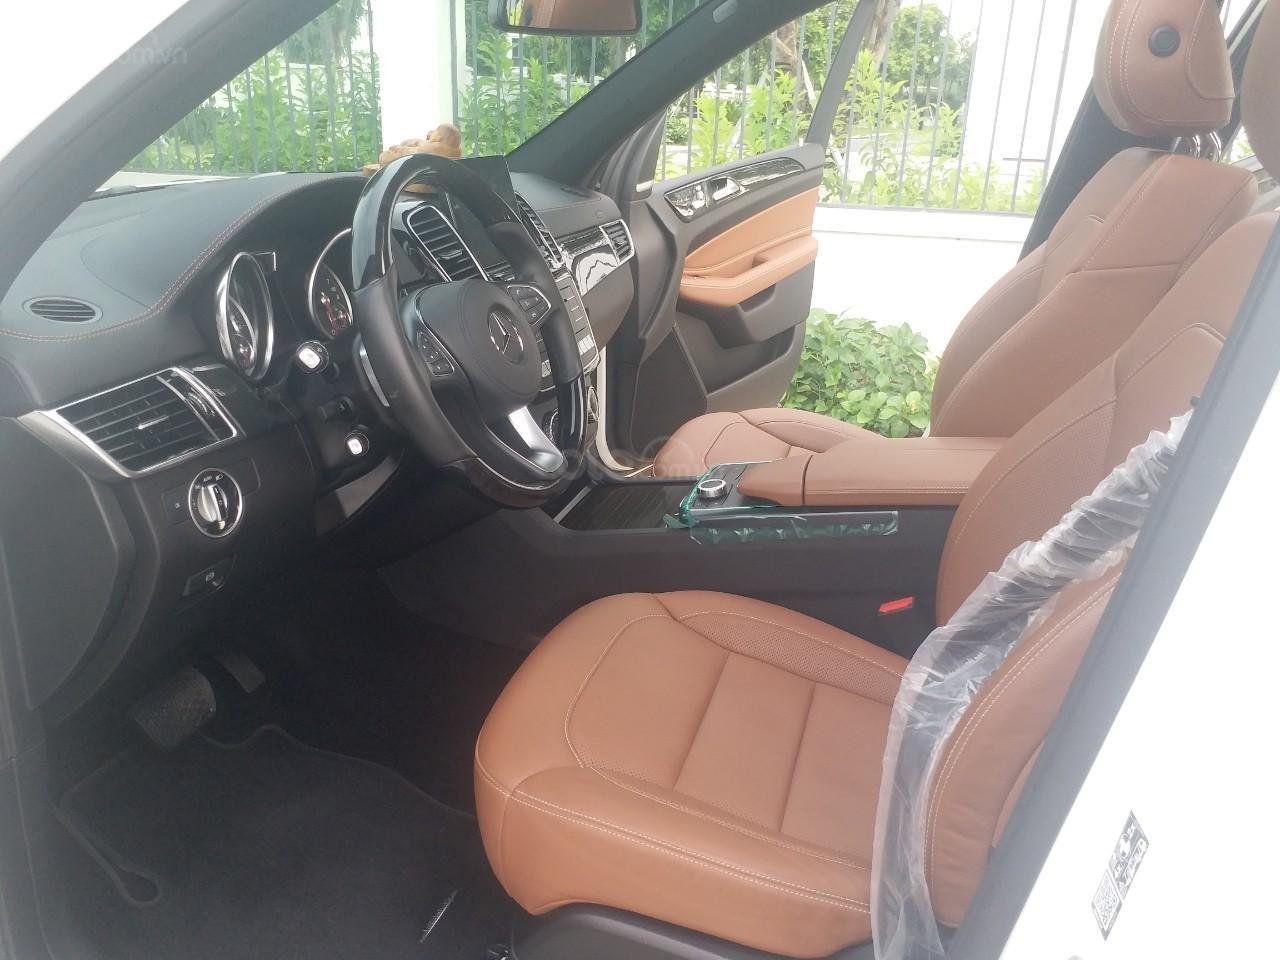 Bán Mercedes GLS400 4 Matic màu trắng sản xuất 12/2017, nhập Mỹ, biển Hà Nội-7